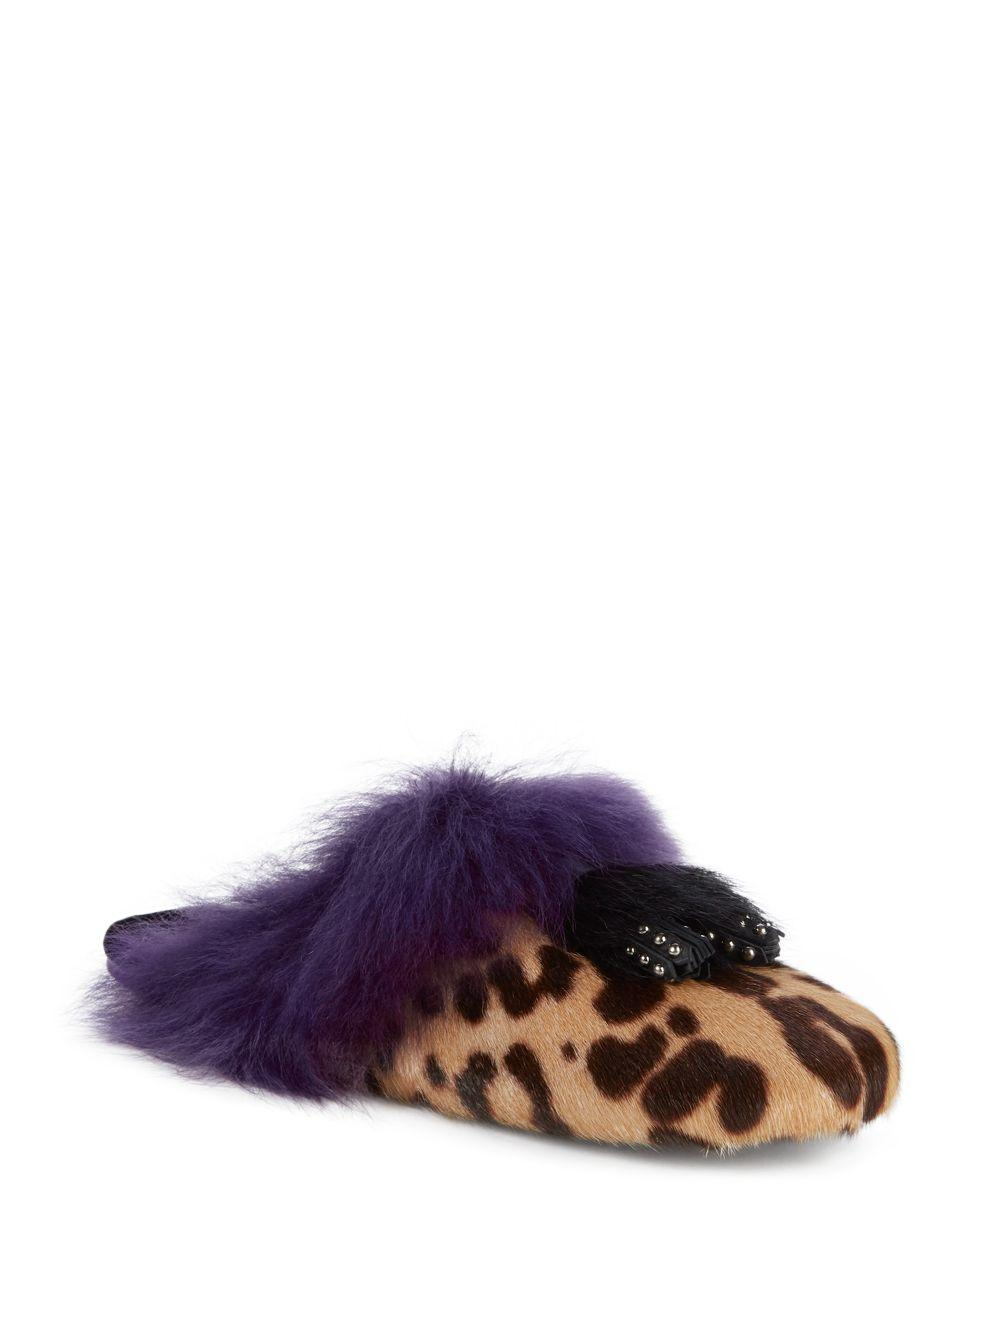 c442aca5257 Prada Calf Hair   Goat Fur Leopard Print Mules in Purple - Lyst